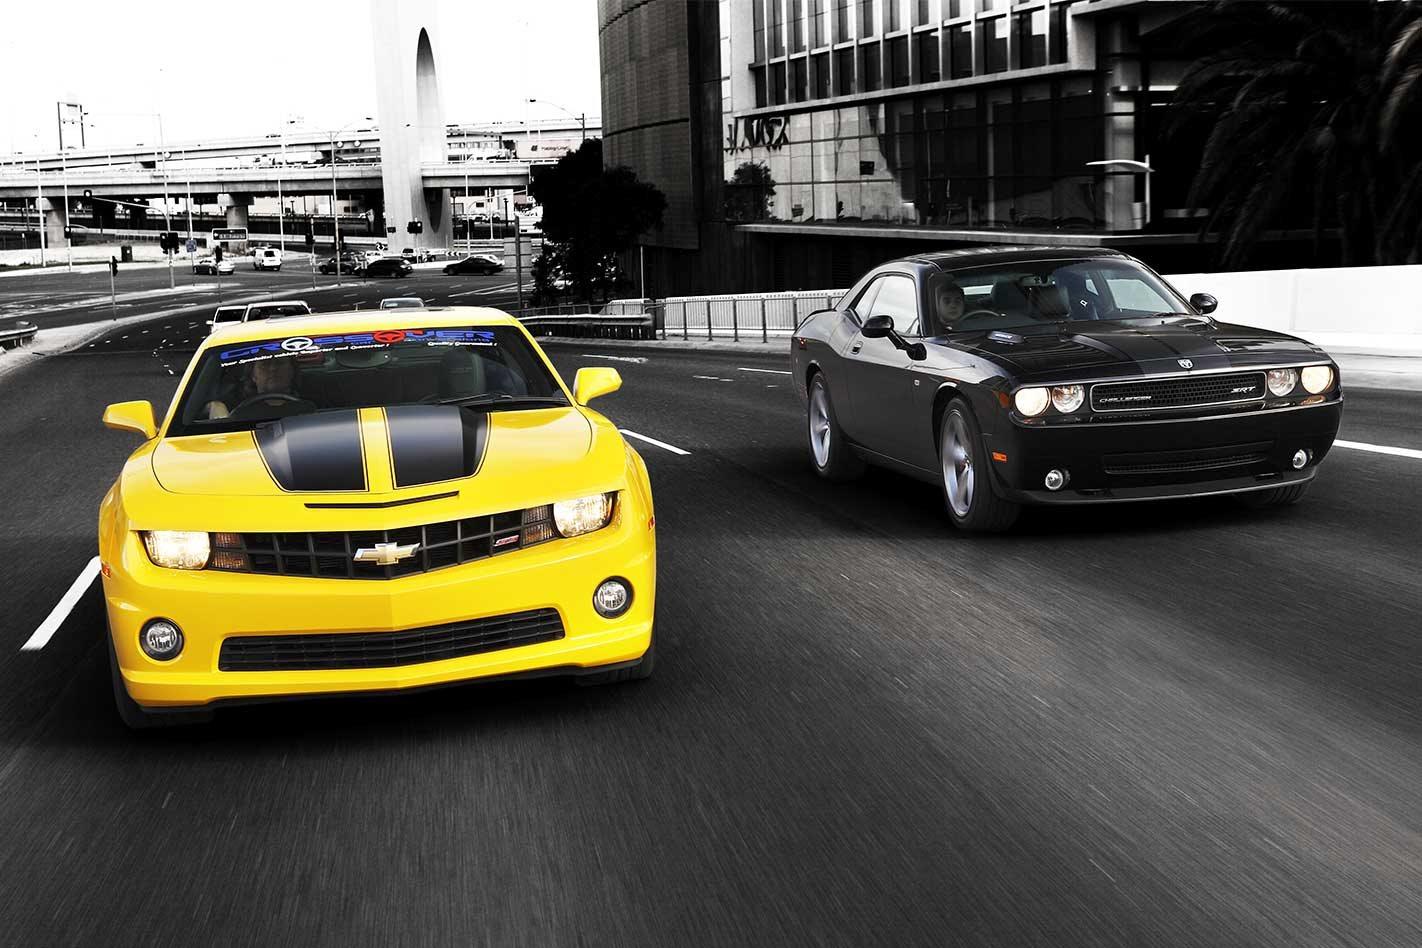 Kelebihan Kekurangan Chevrolet Dodge Murah Berkualitas